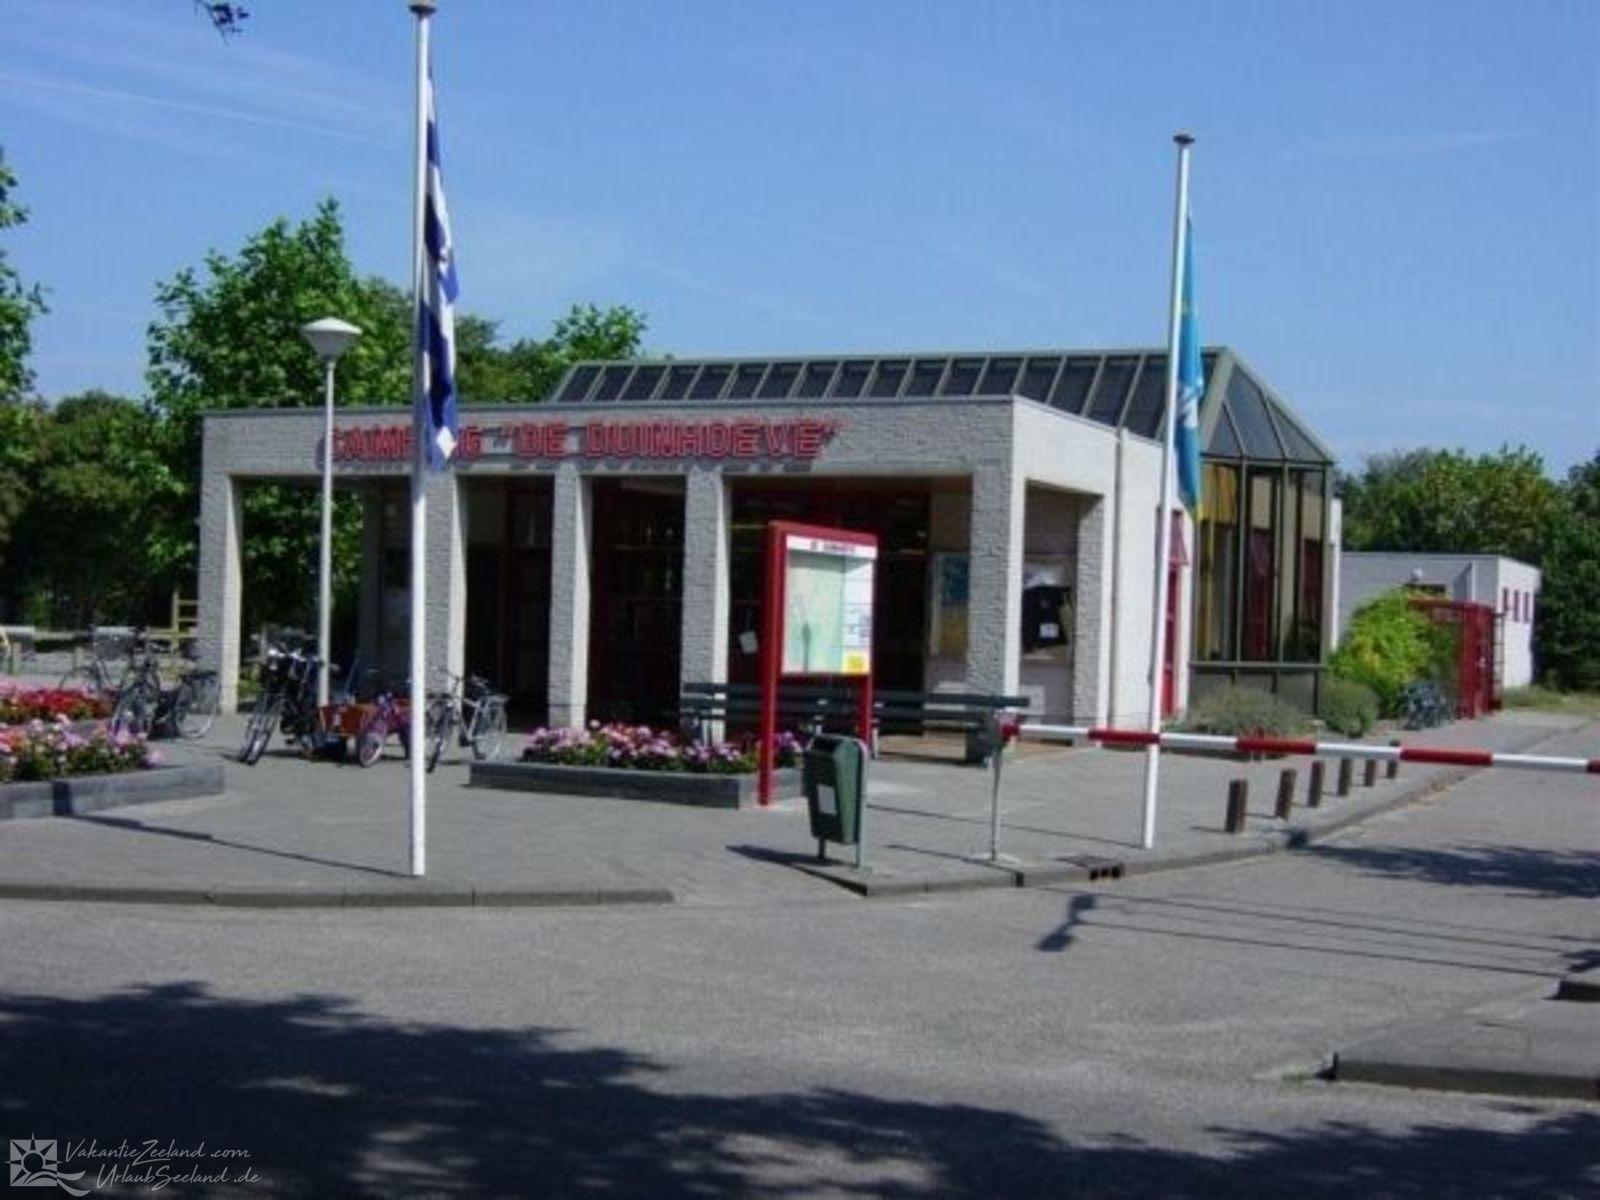 VZ528 Chalet Burgh-Haamstede